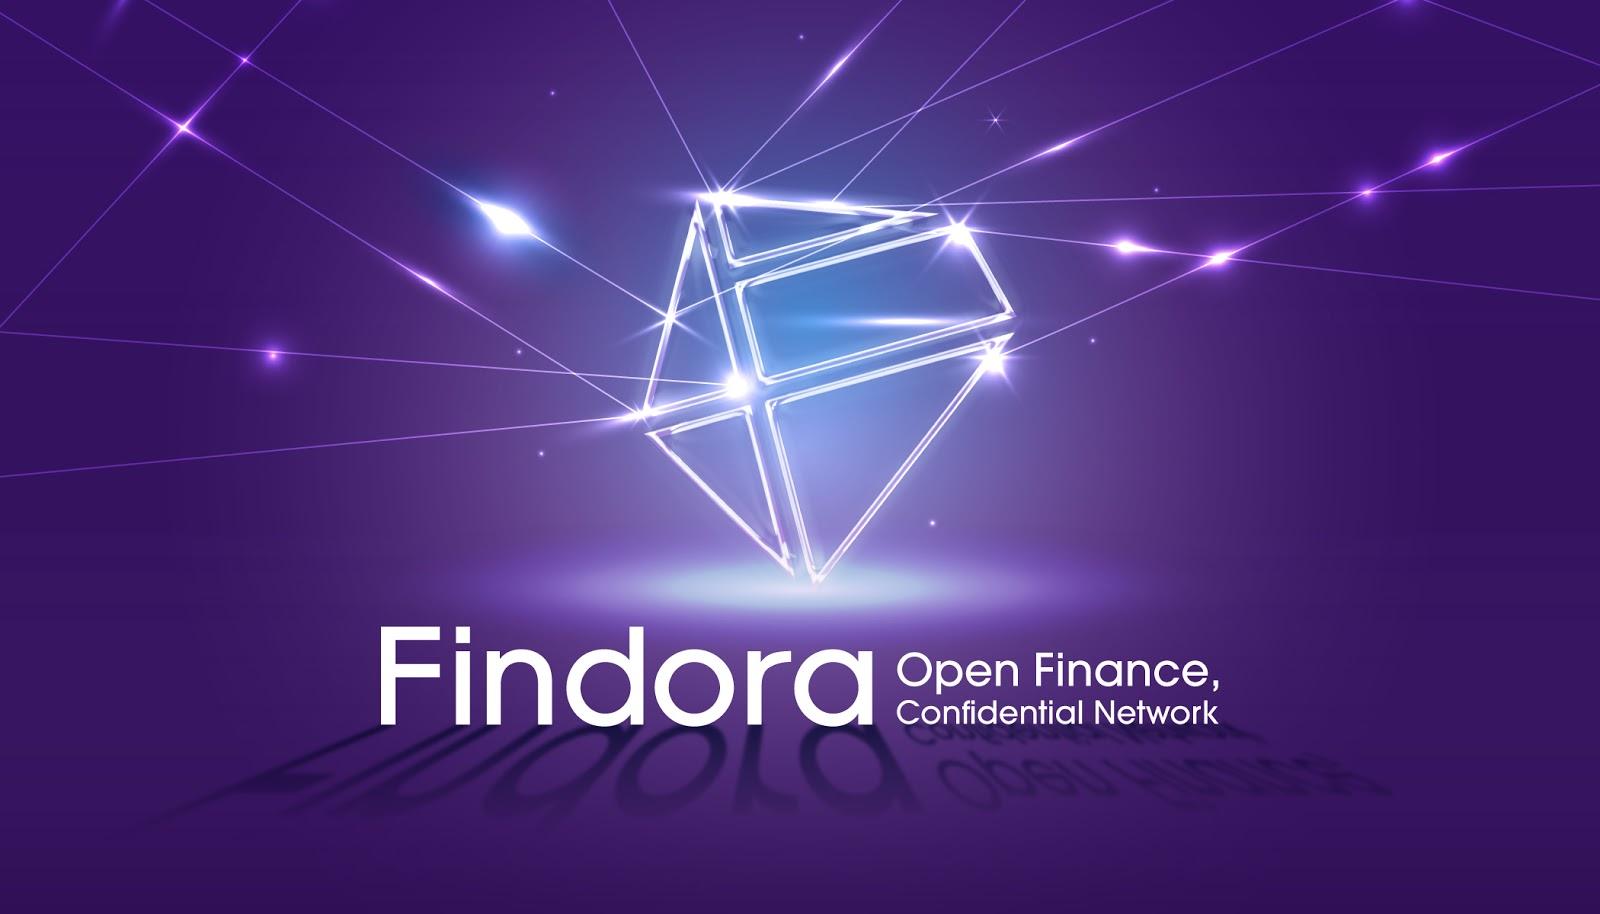 Findora, a confidential open finance platform, announces public sale